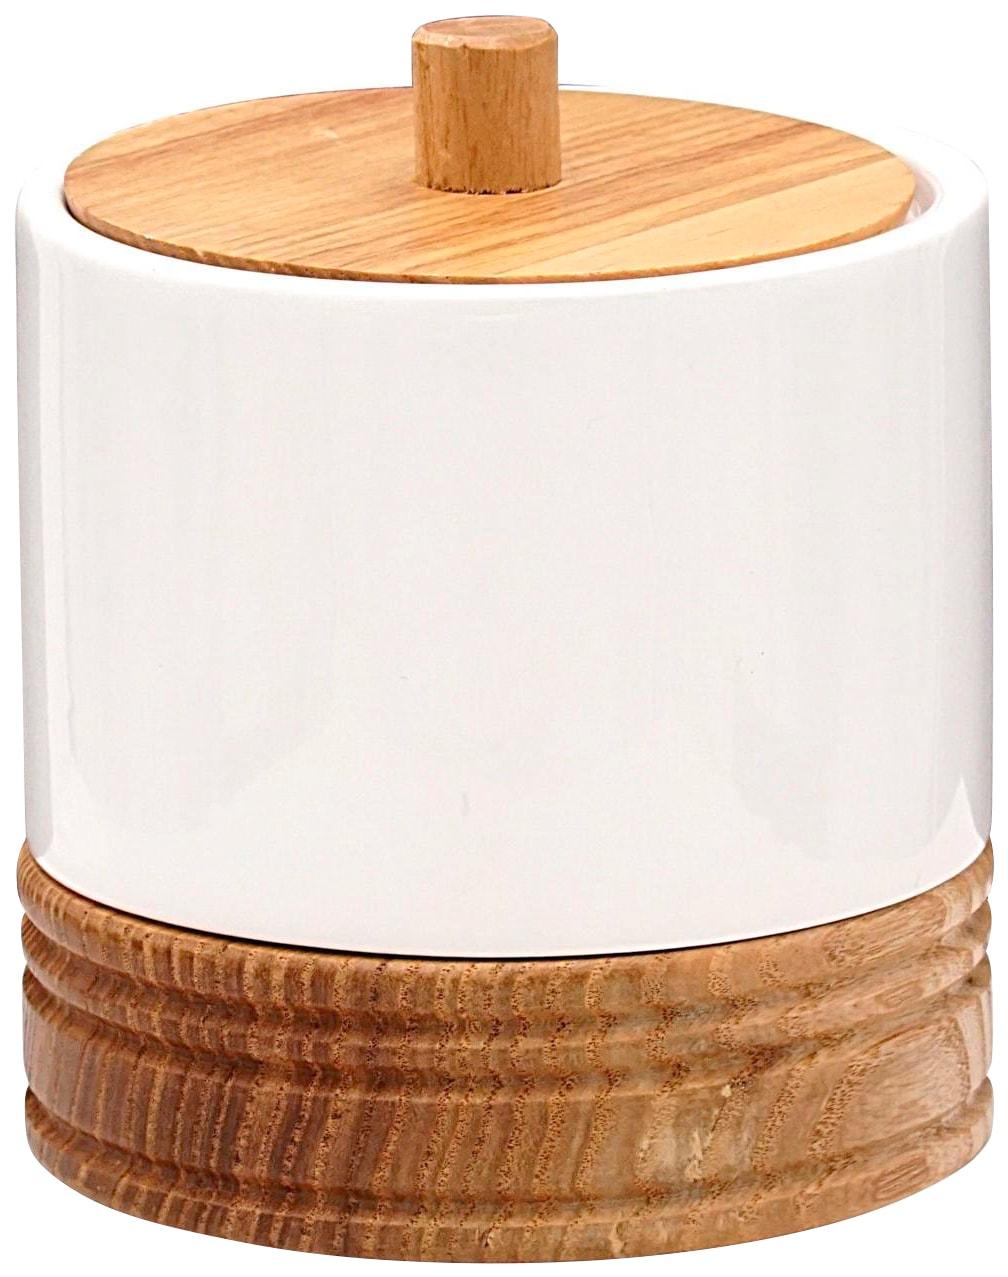 Ridder Kosmetikbox Chic, für Wattepads weiß Bad Sanitär Aufbewahrungsboxen